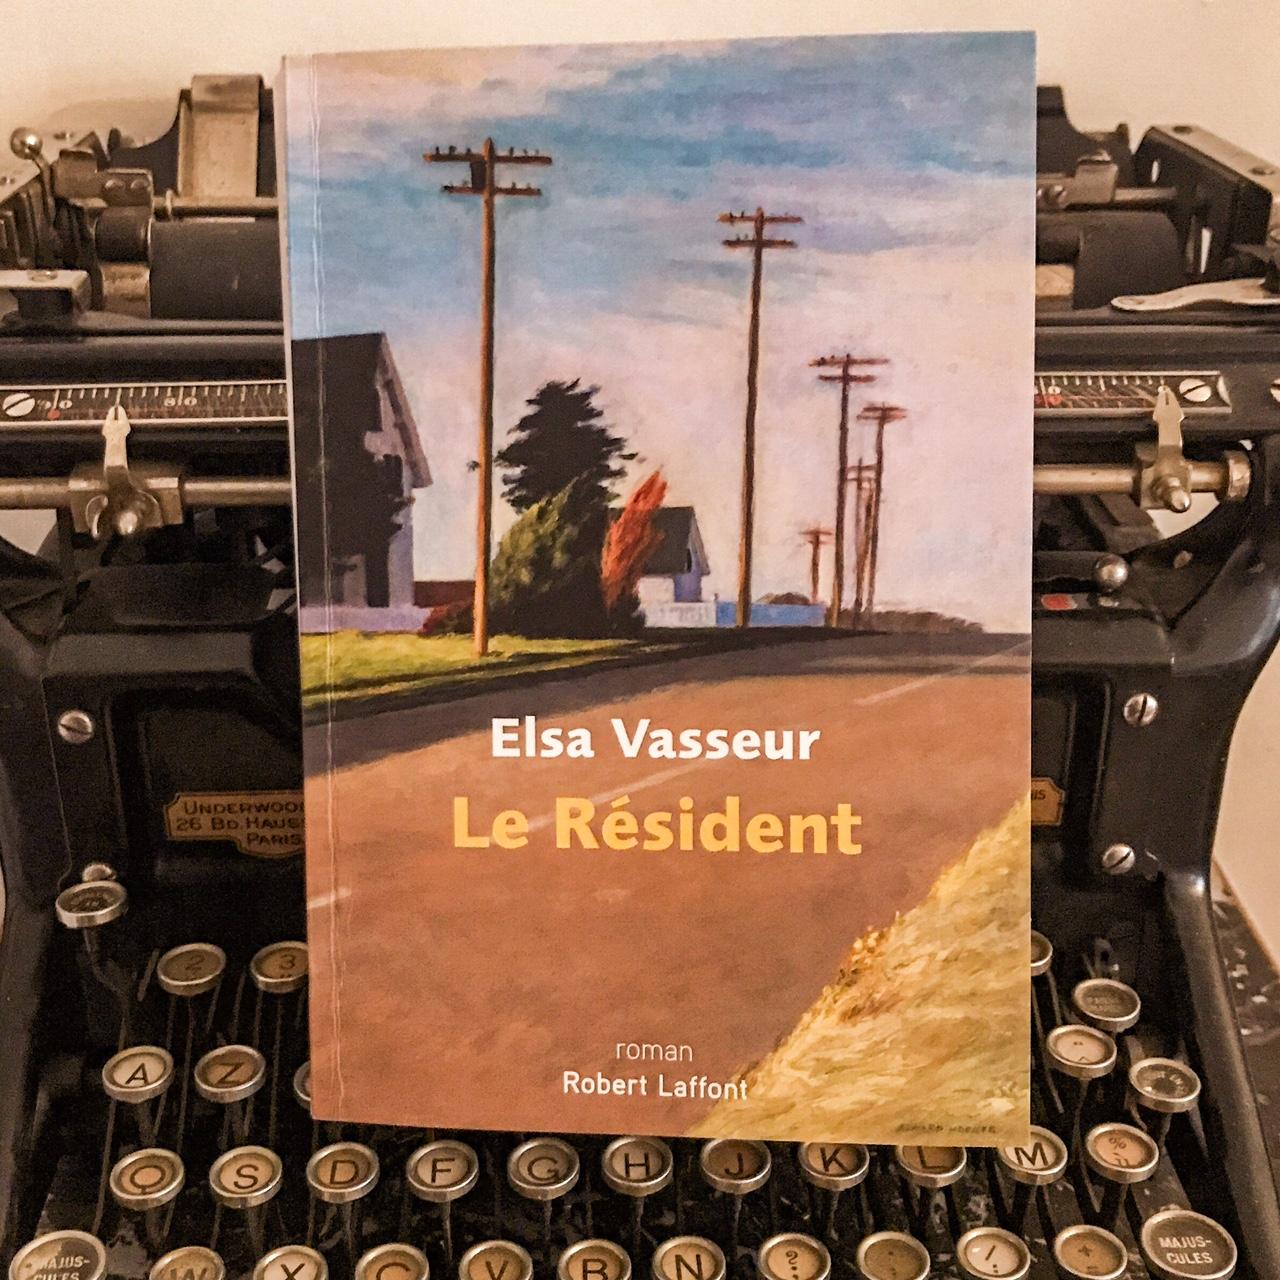 Le Résident, d'Elsa Vasseur : les blessures qui font un écrivain